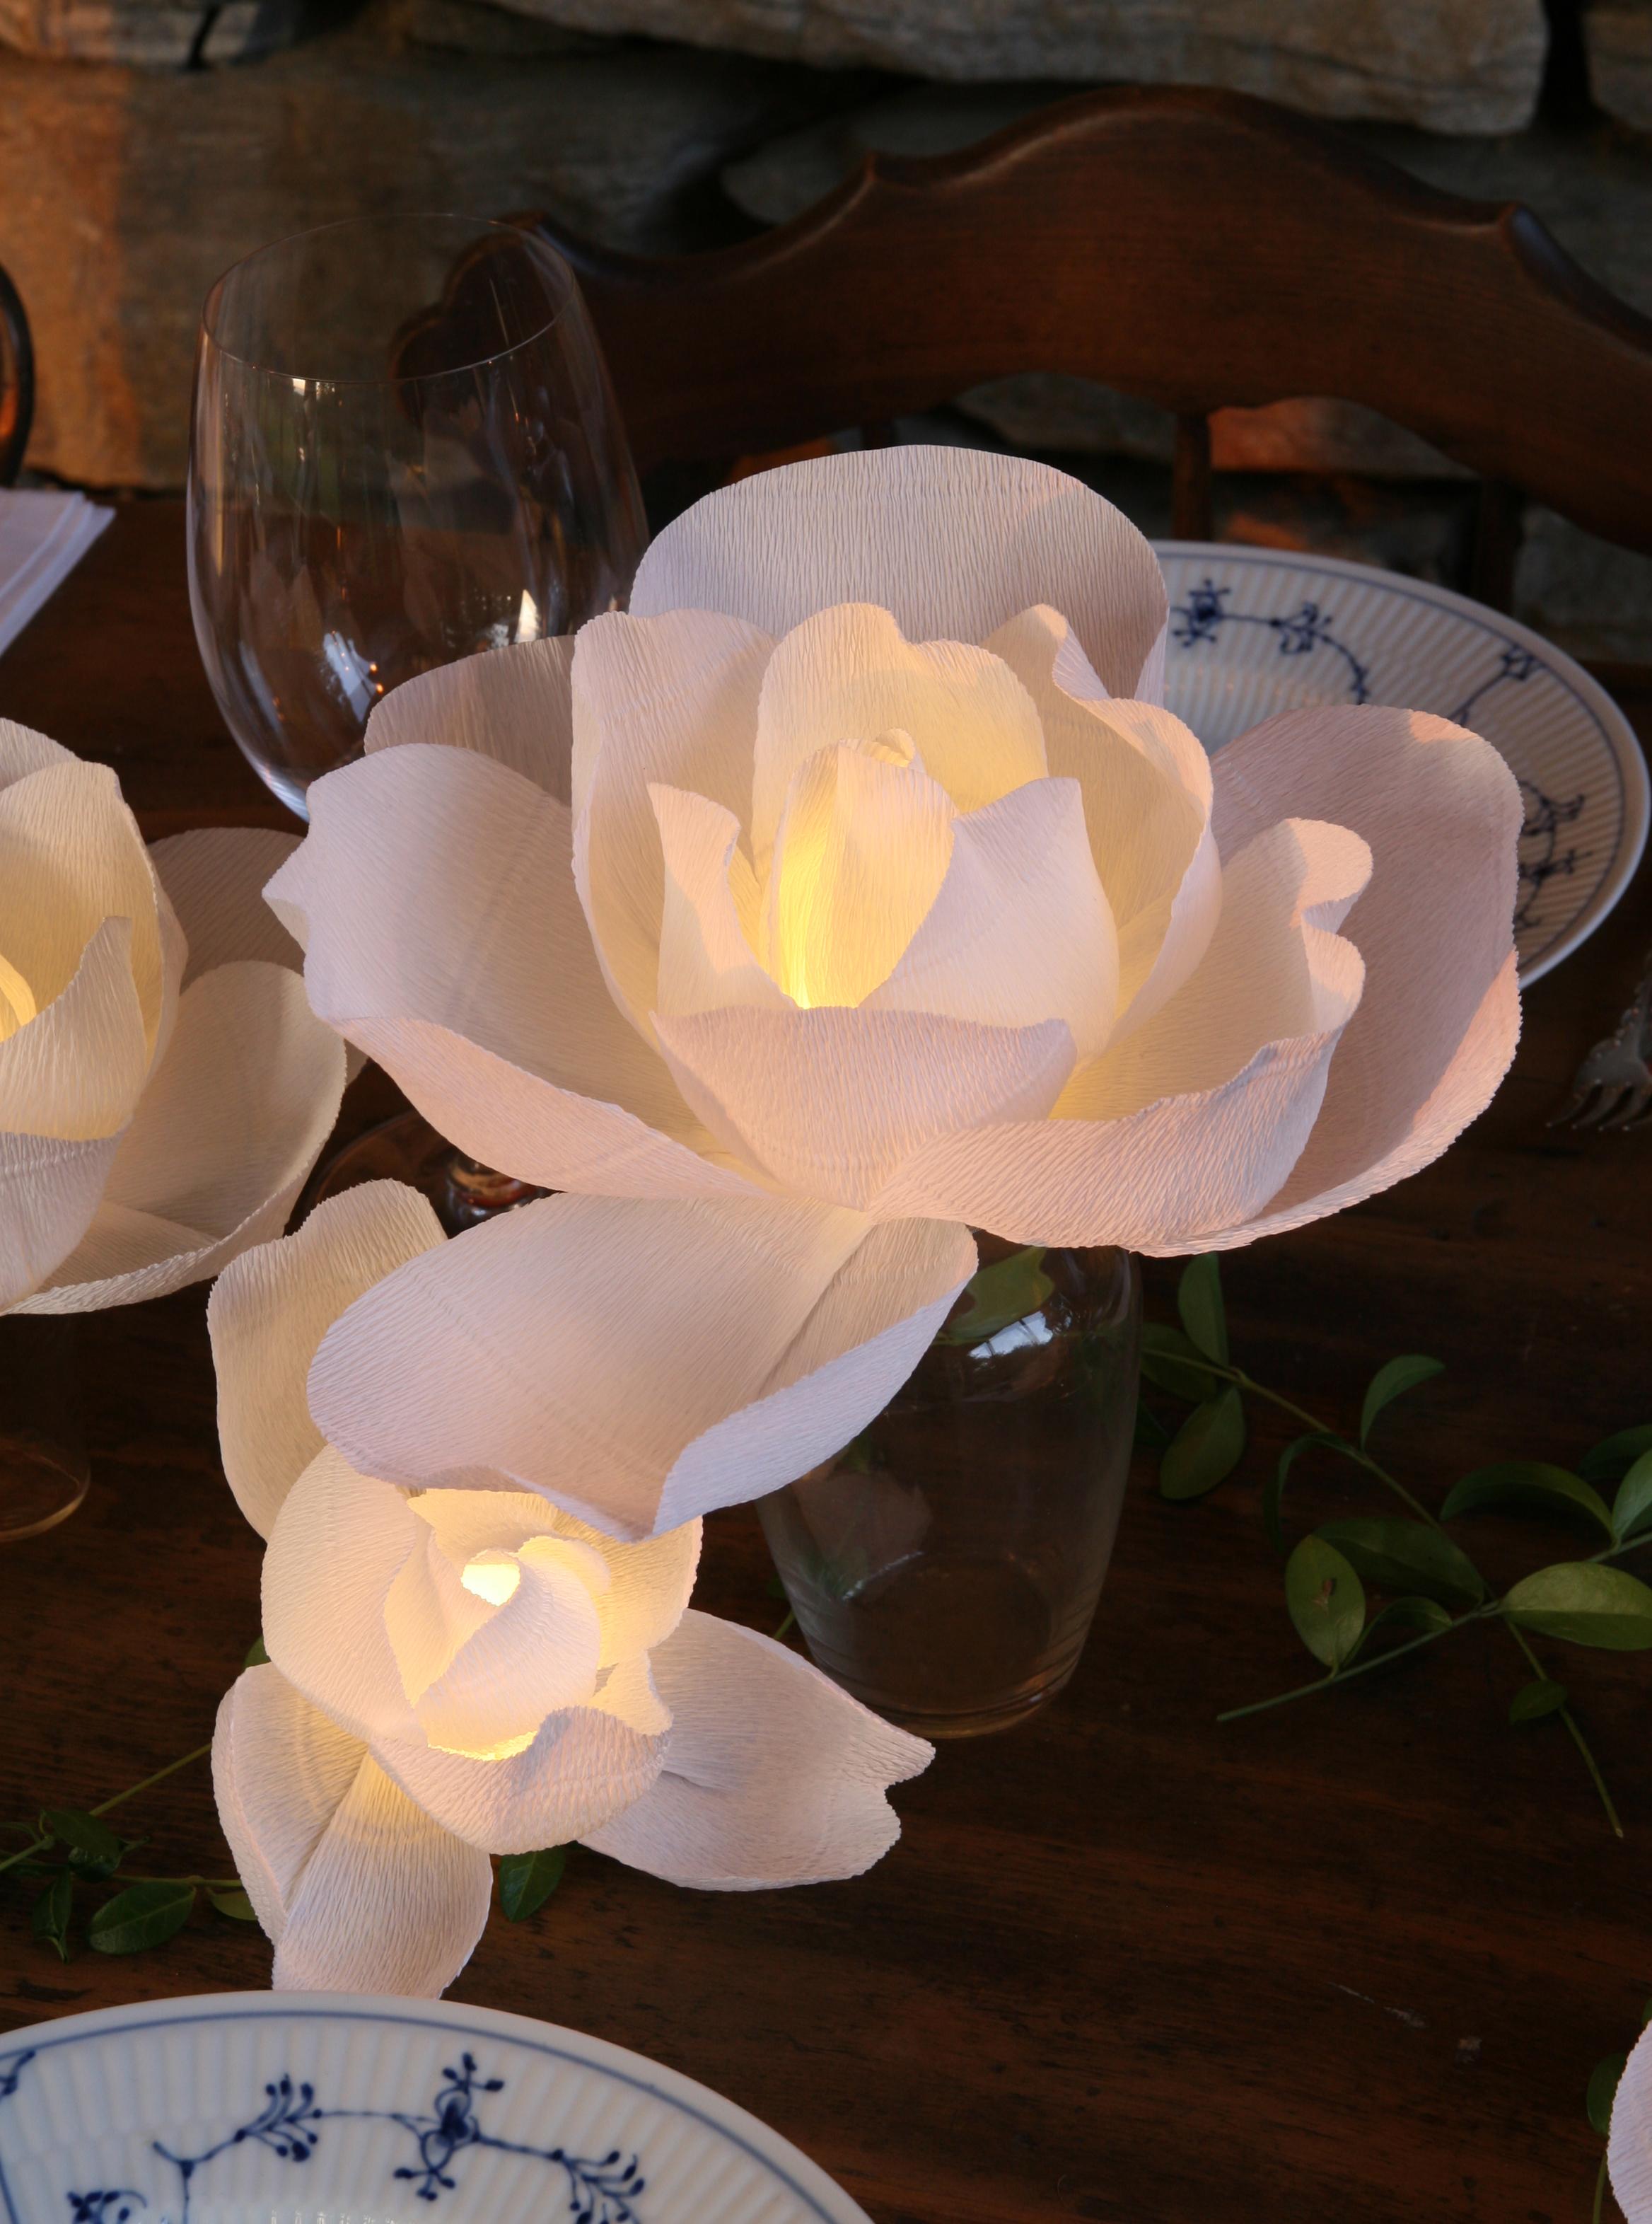 Magnolia Centerpiece | by Aster + Quail | www.asterandquail.com